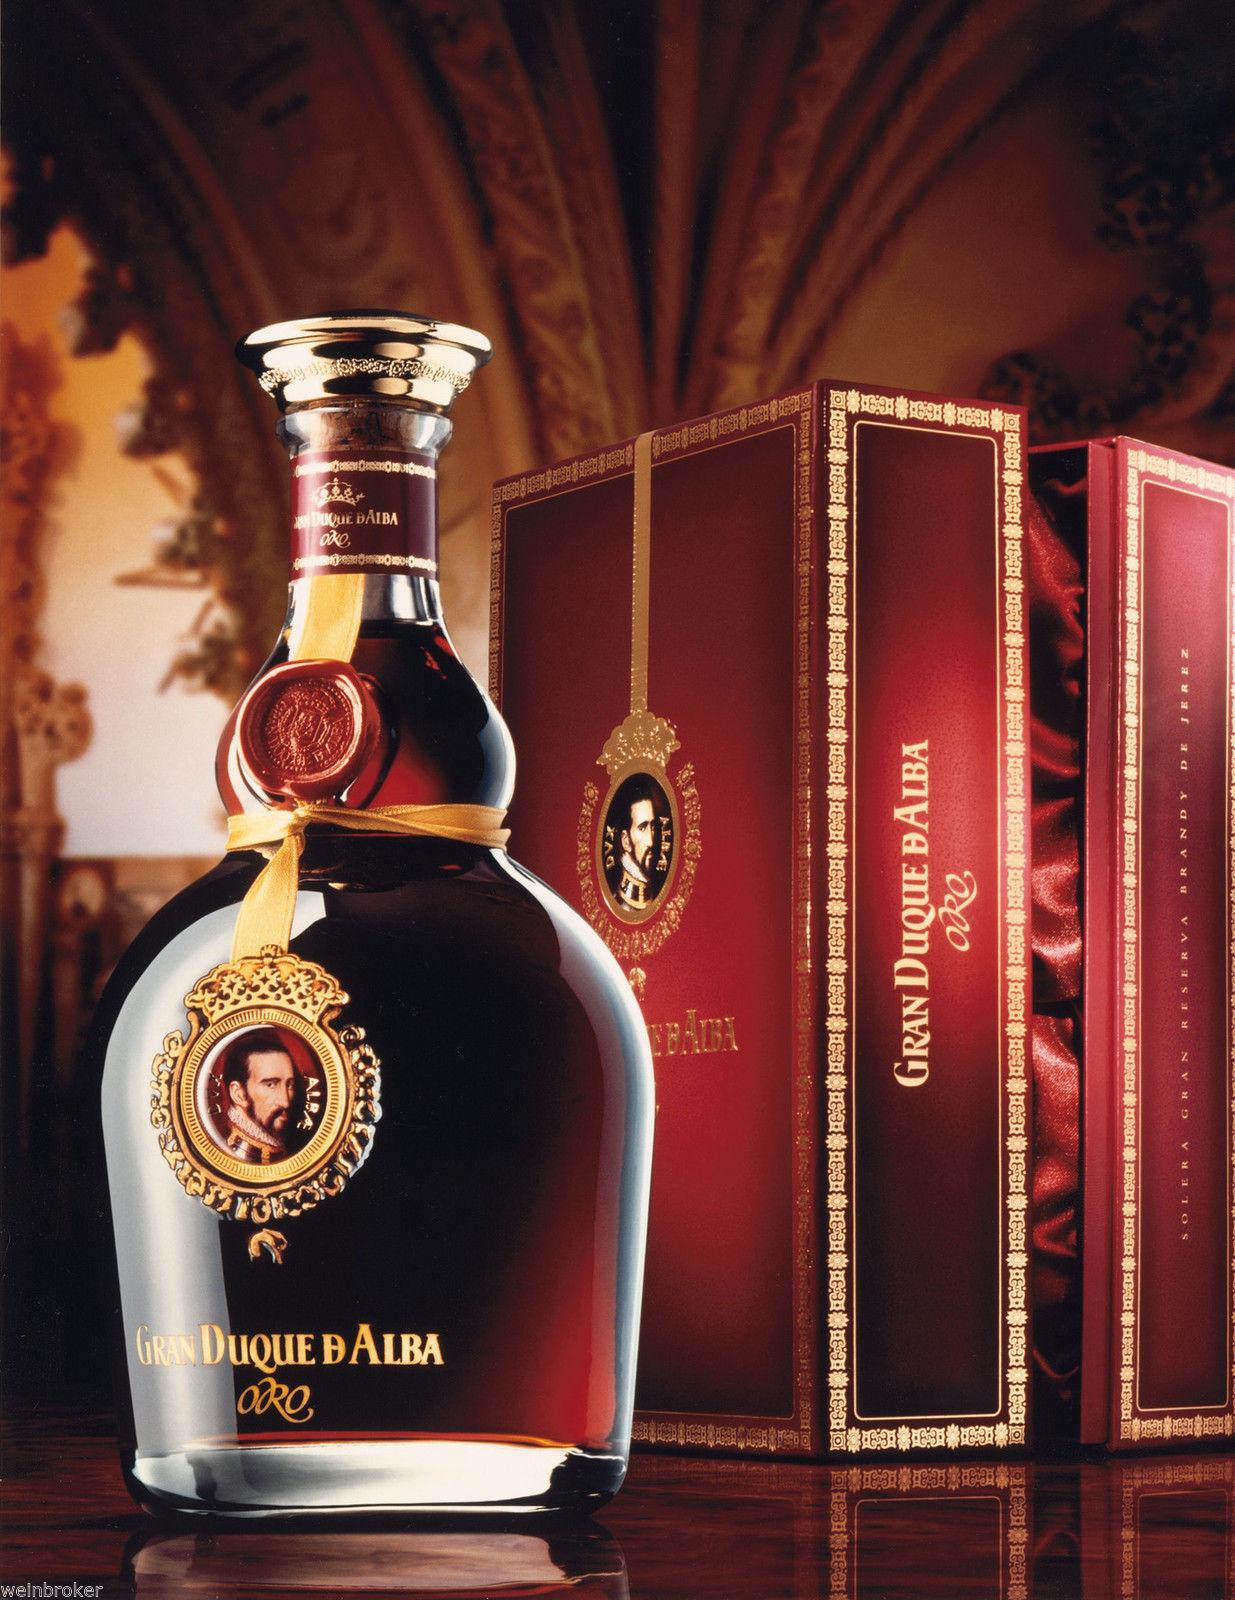 Gran Duque de Alba Oro Brandy de Jerez Solera Gran Reserva Especial